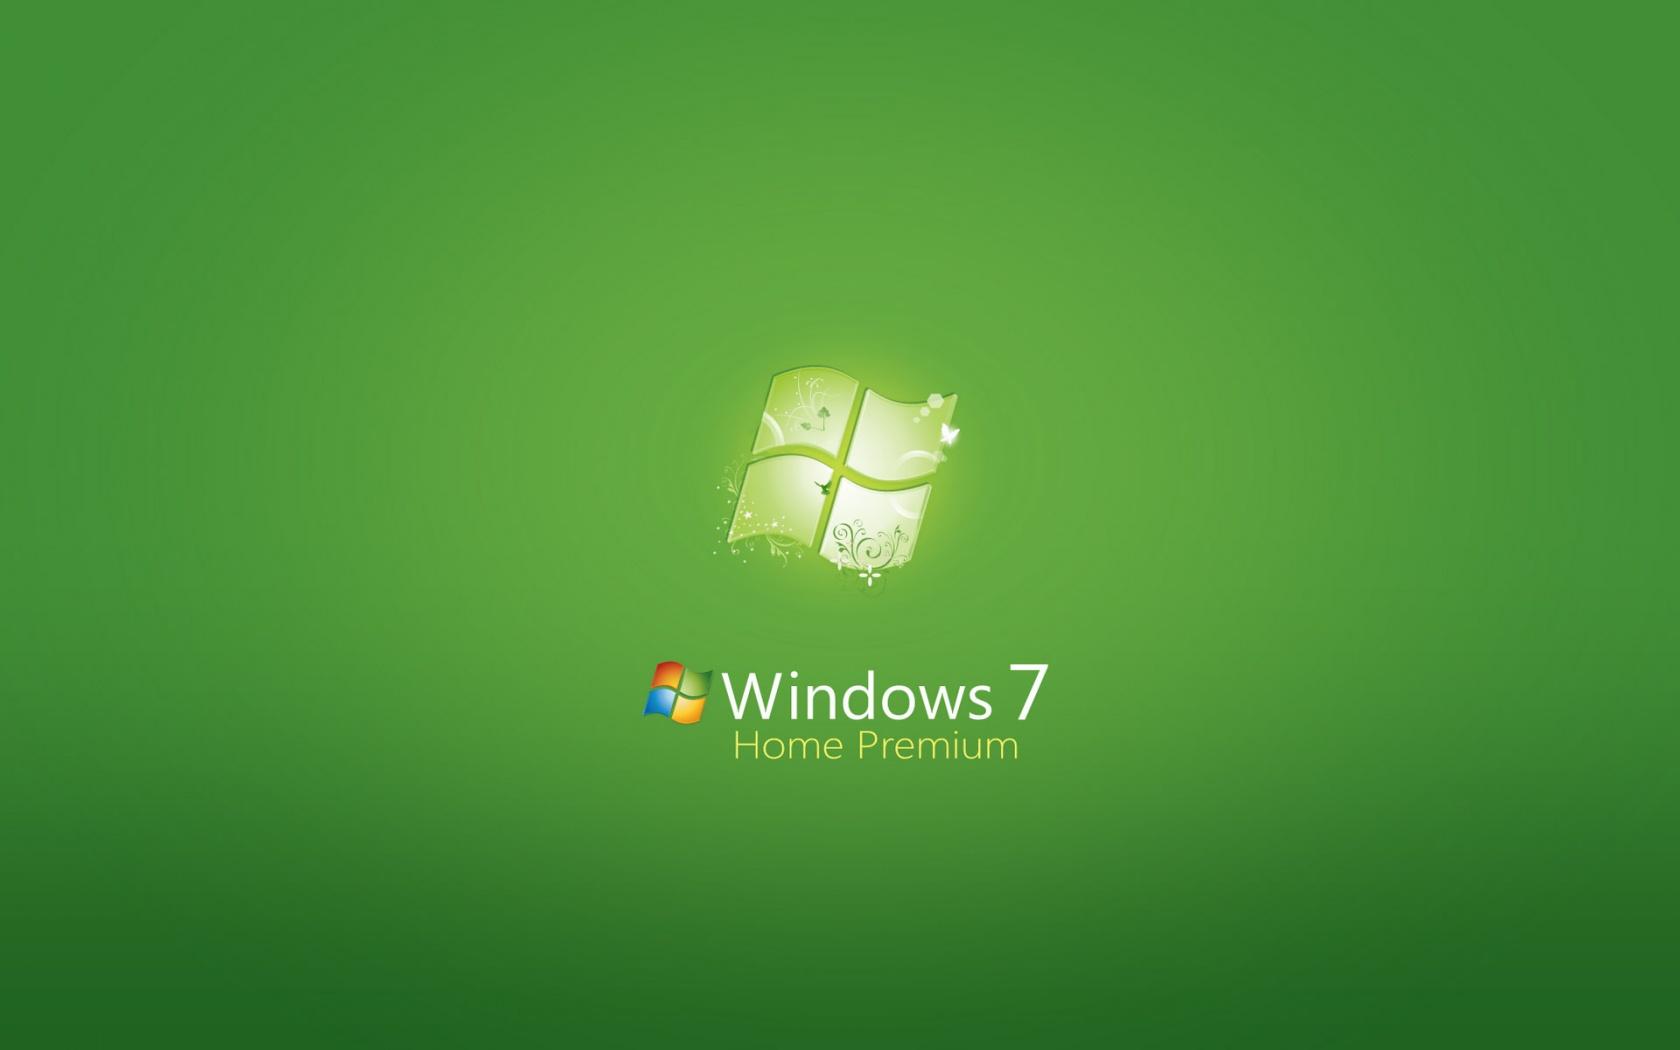 عکس های جدید پس زمینه ی دسک تاپ با موضوع ویندوز 7